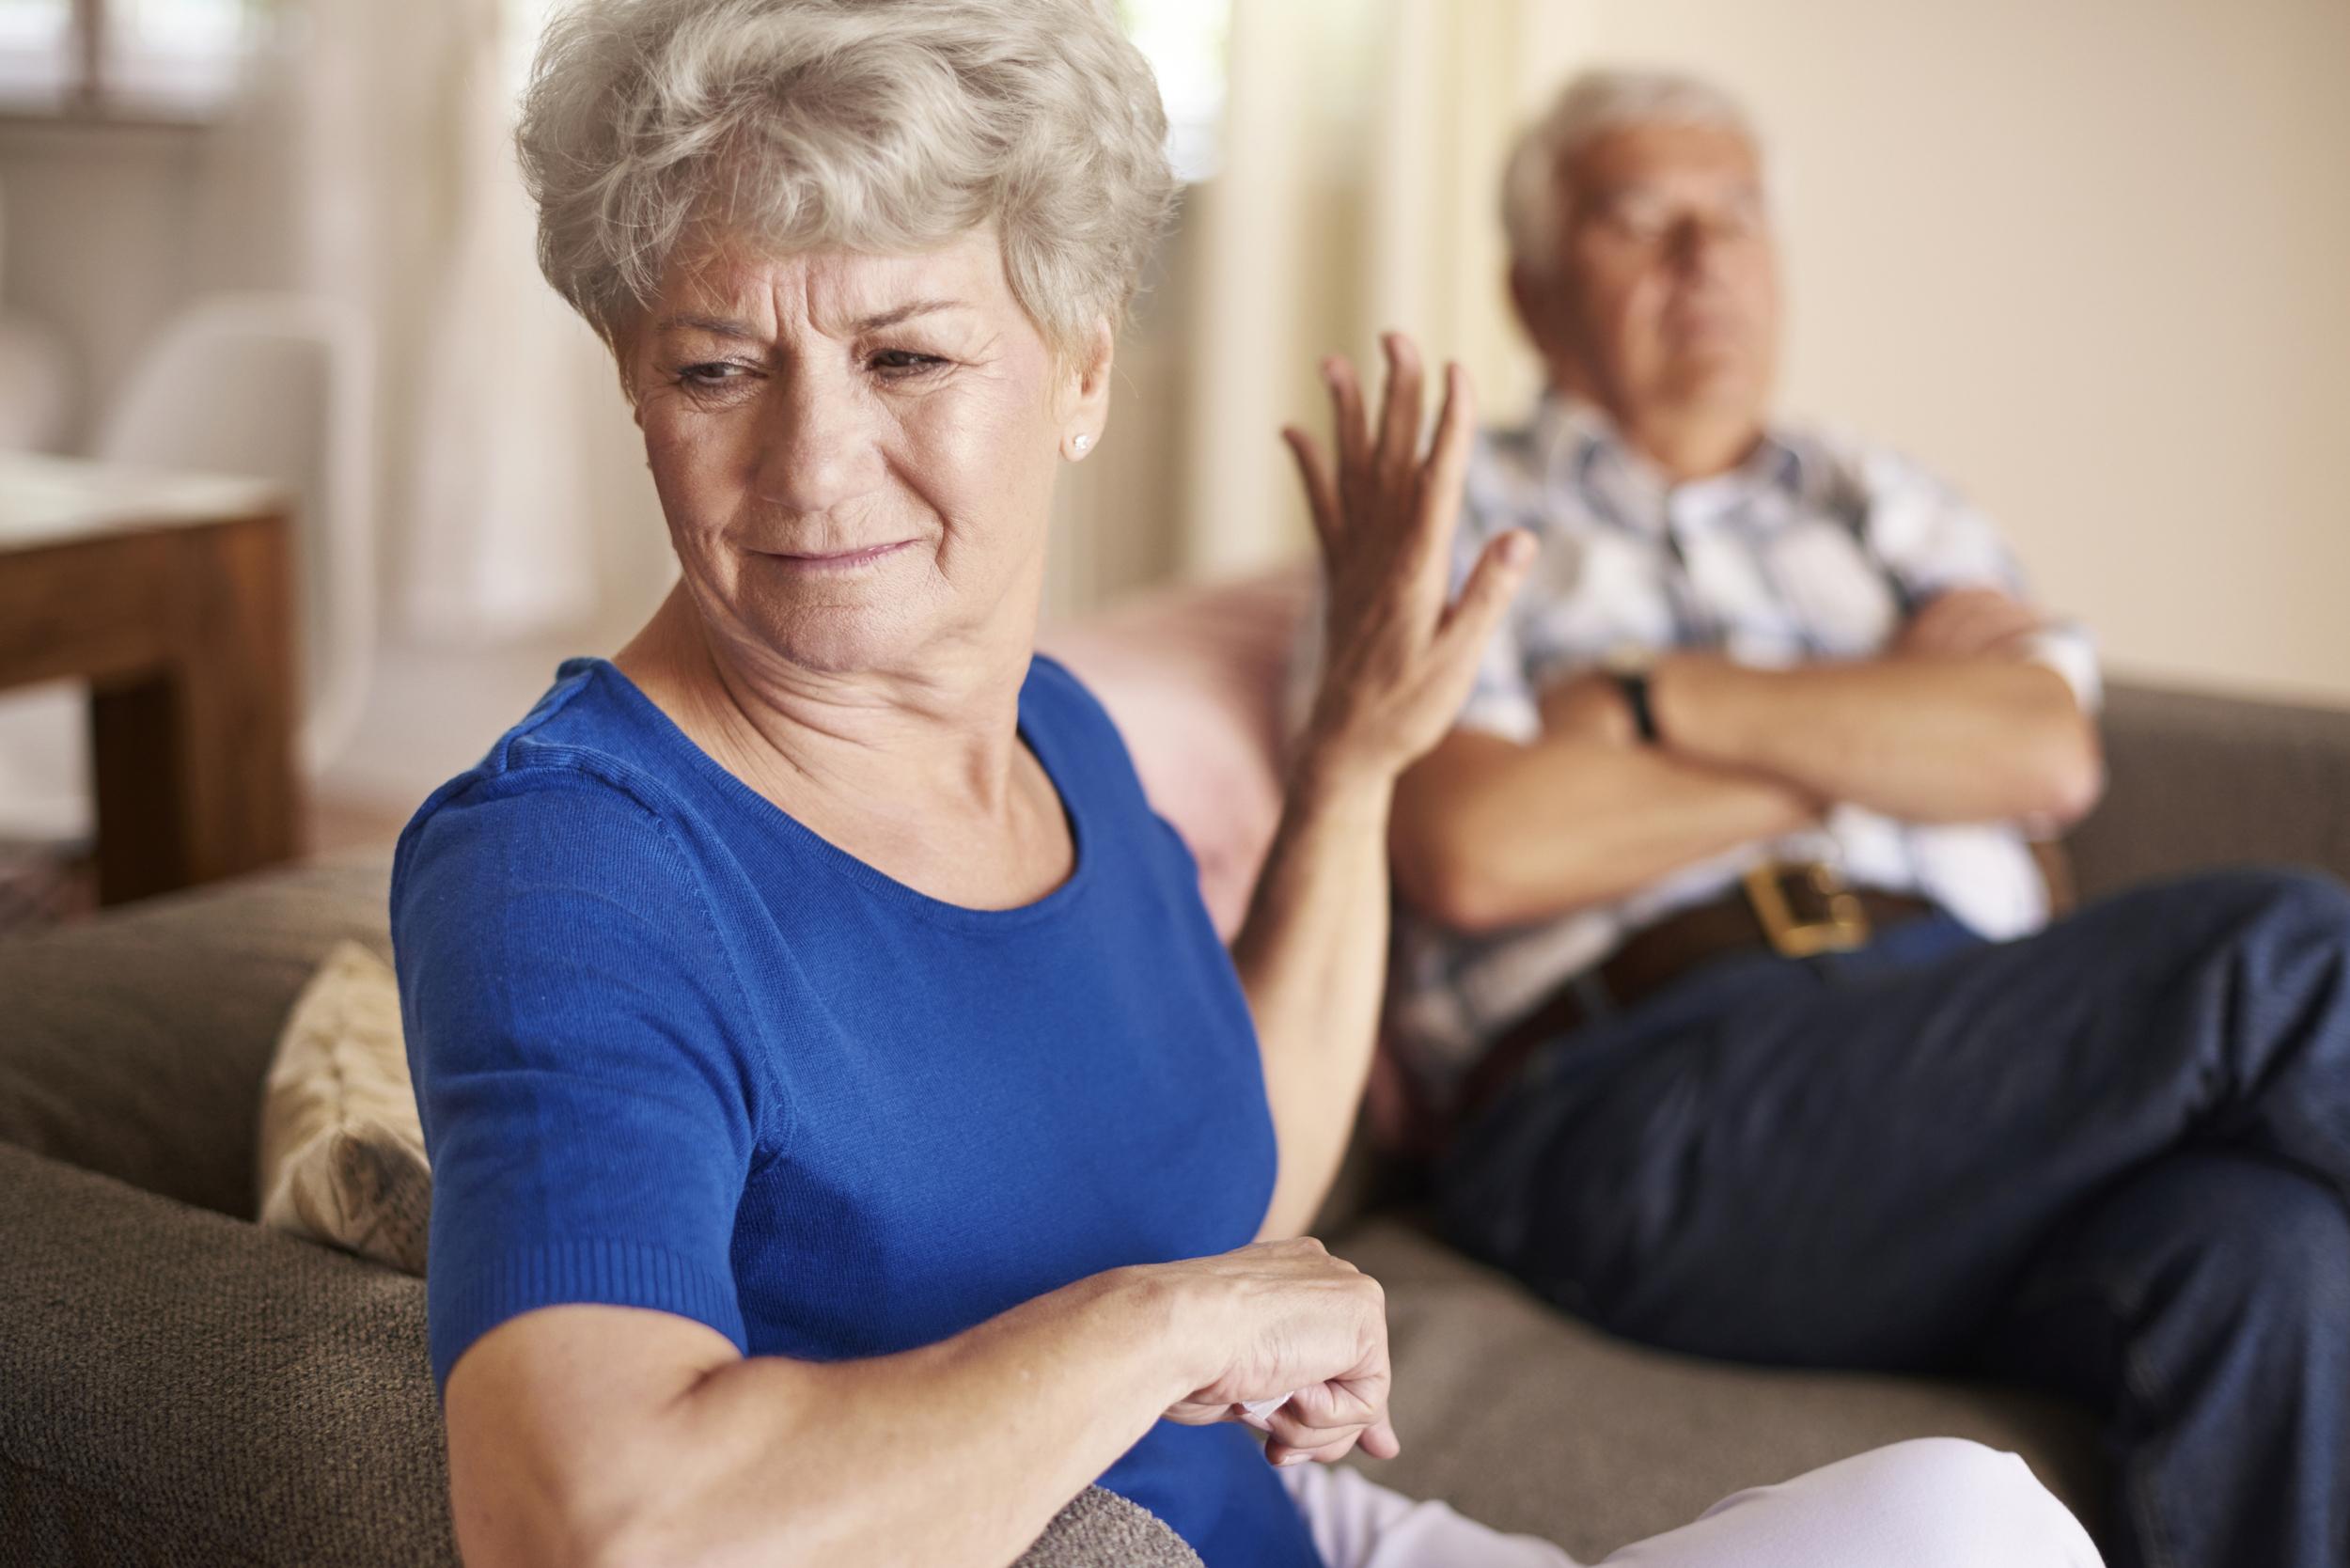 Elderly Couple Arguing